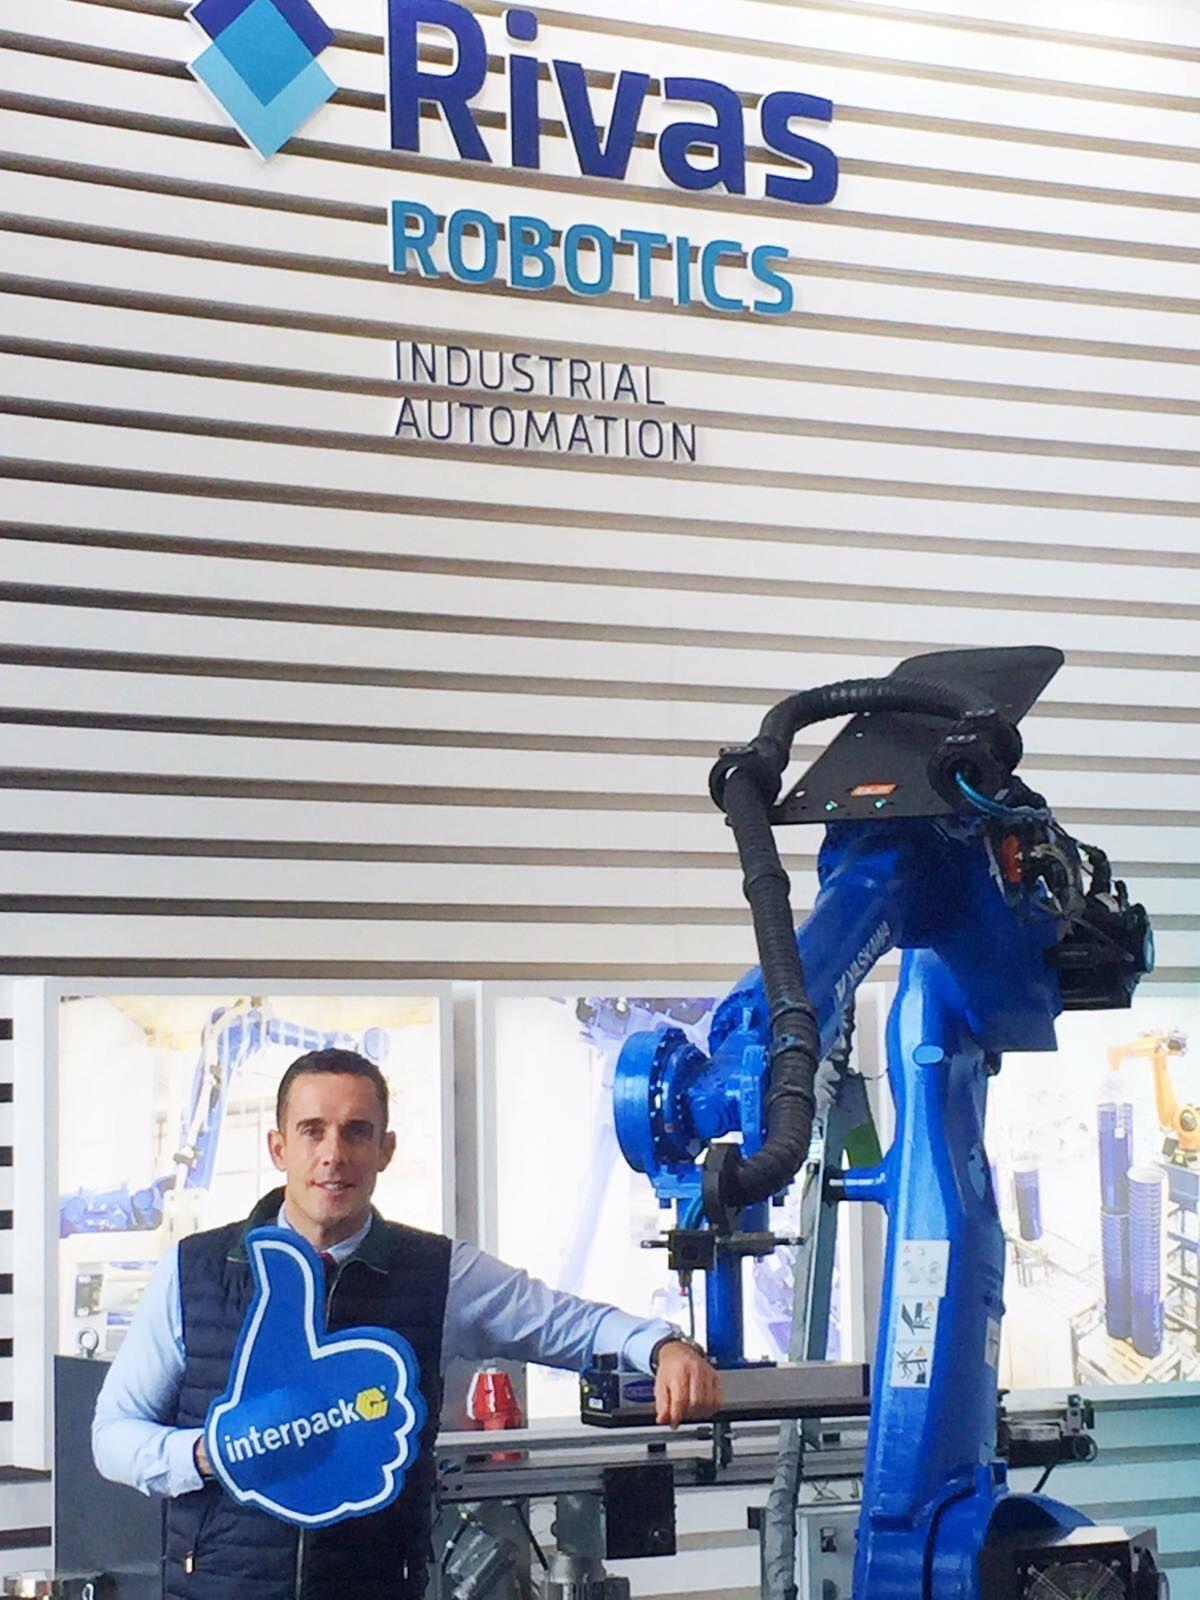 Rivas Robotics refuerza la consolidación de las relaciones comerciales con sus distribuidores en Interpack 2017